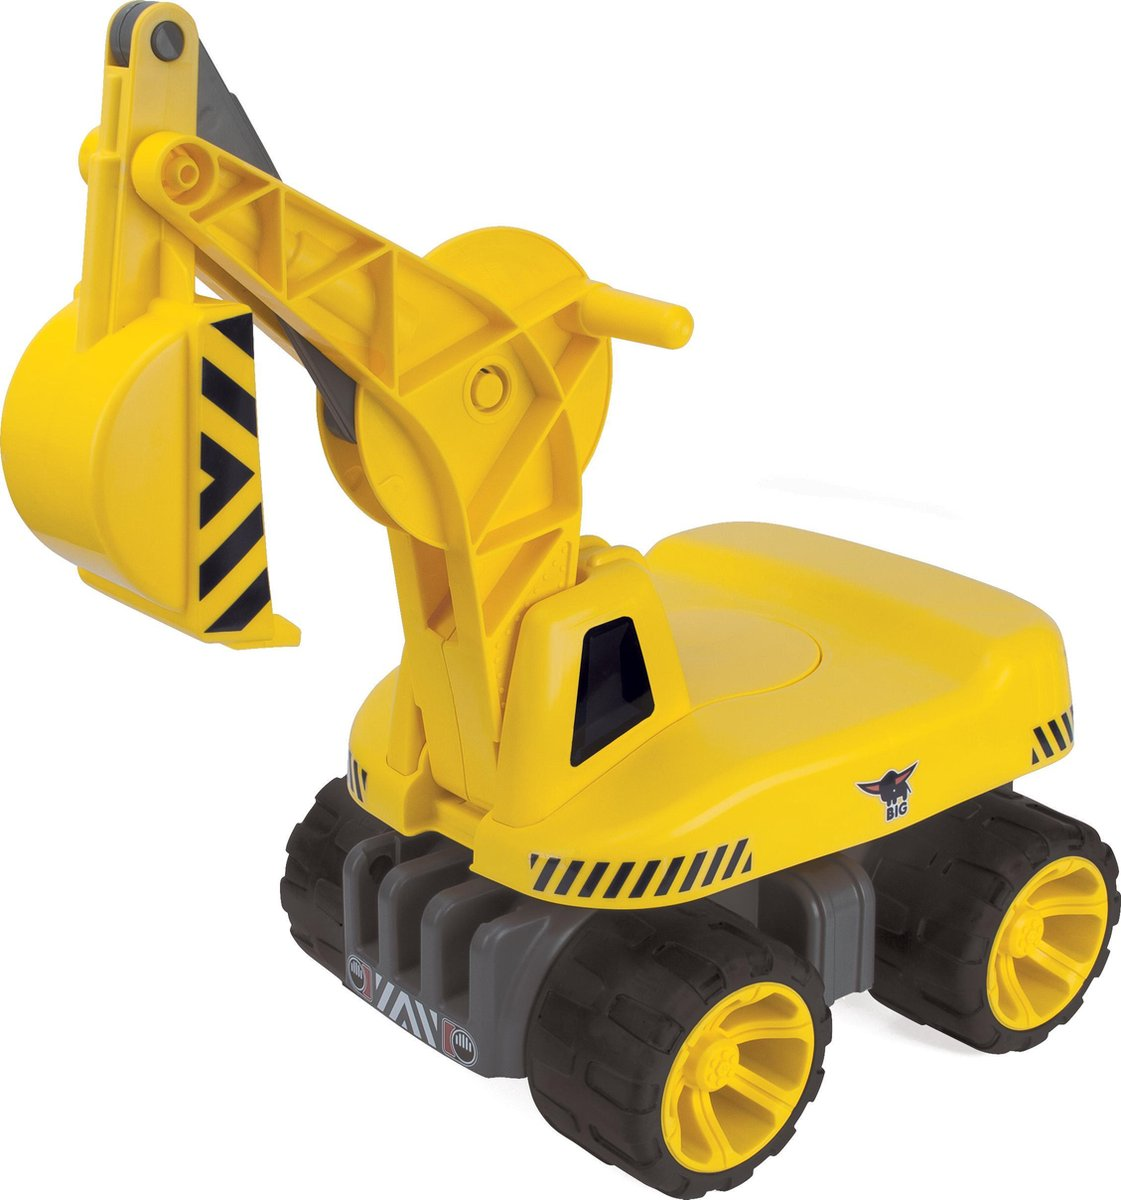 BIG 'Power Worker' Maxi Digger - Speelgoedvoertuig - Graafmachine - Geel